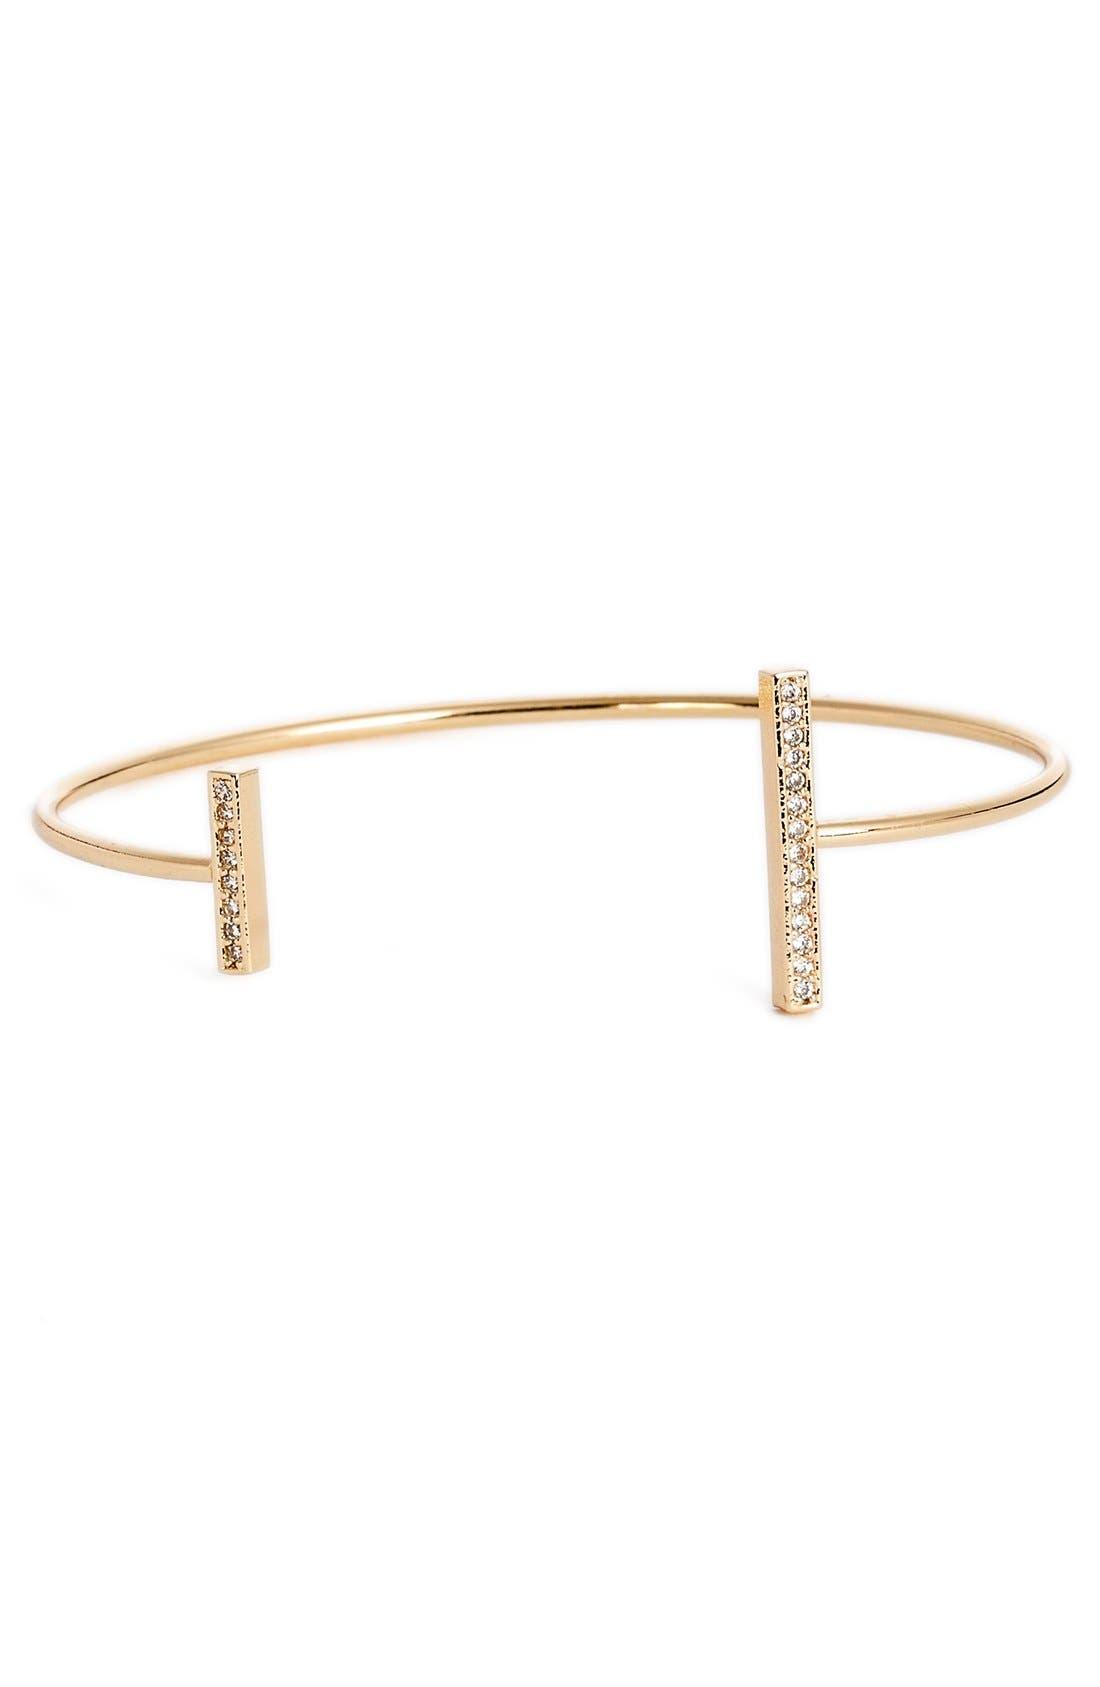 Main Image - BP. Stone Bar Cuff Bracelet